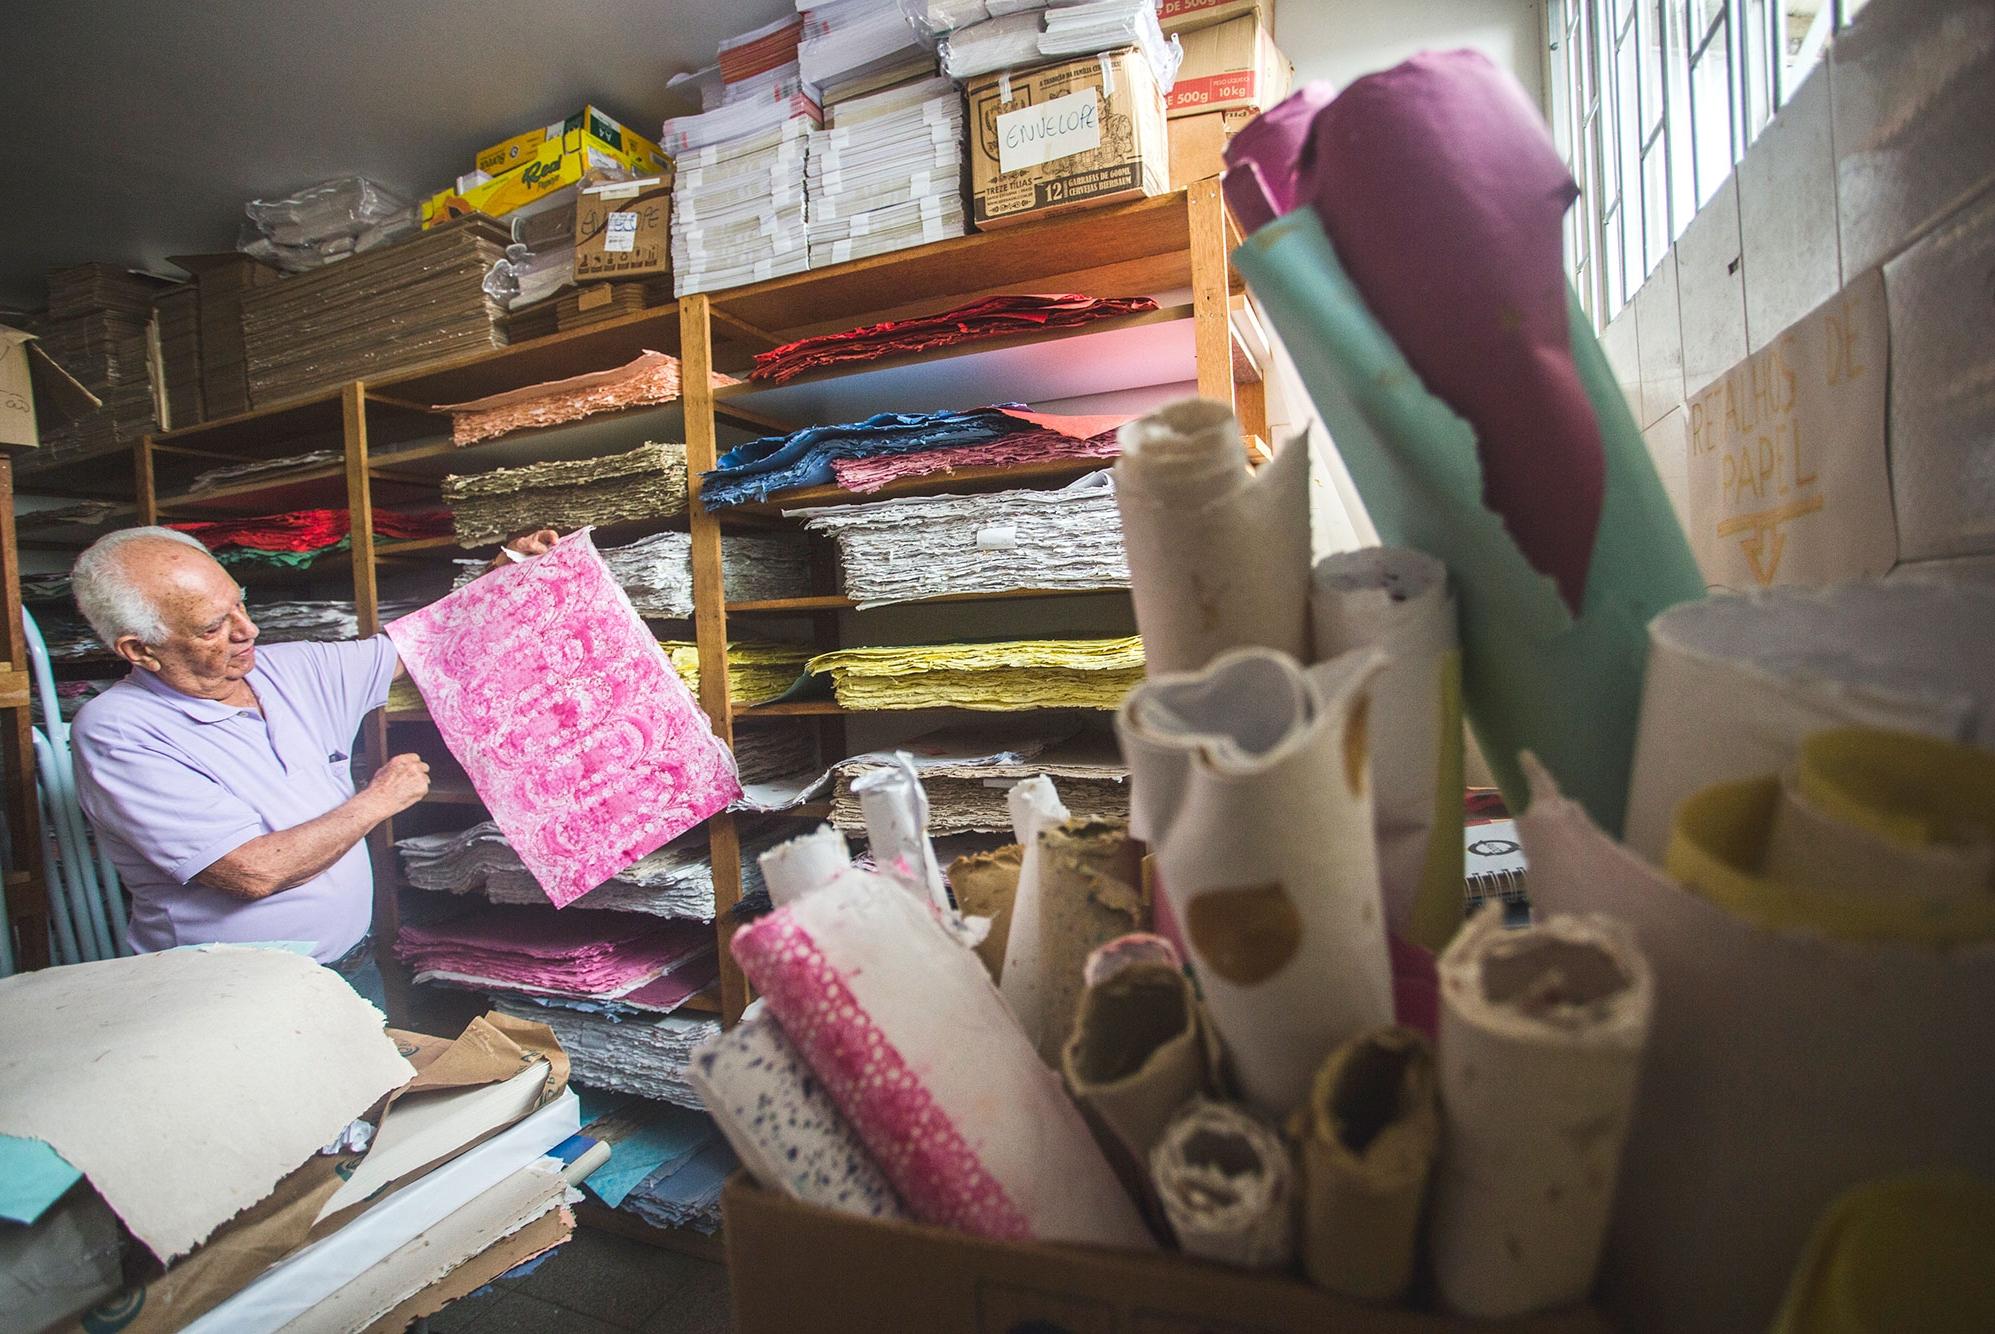 Presidente da Coepad, Aldo Brito com as criações da oficina de papel reciclado, que chega a produzir 200 cadernos por dia - Daniel Queiroz/ND